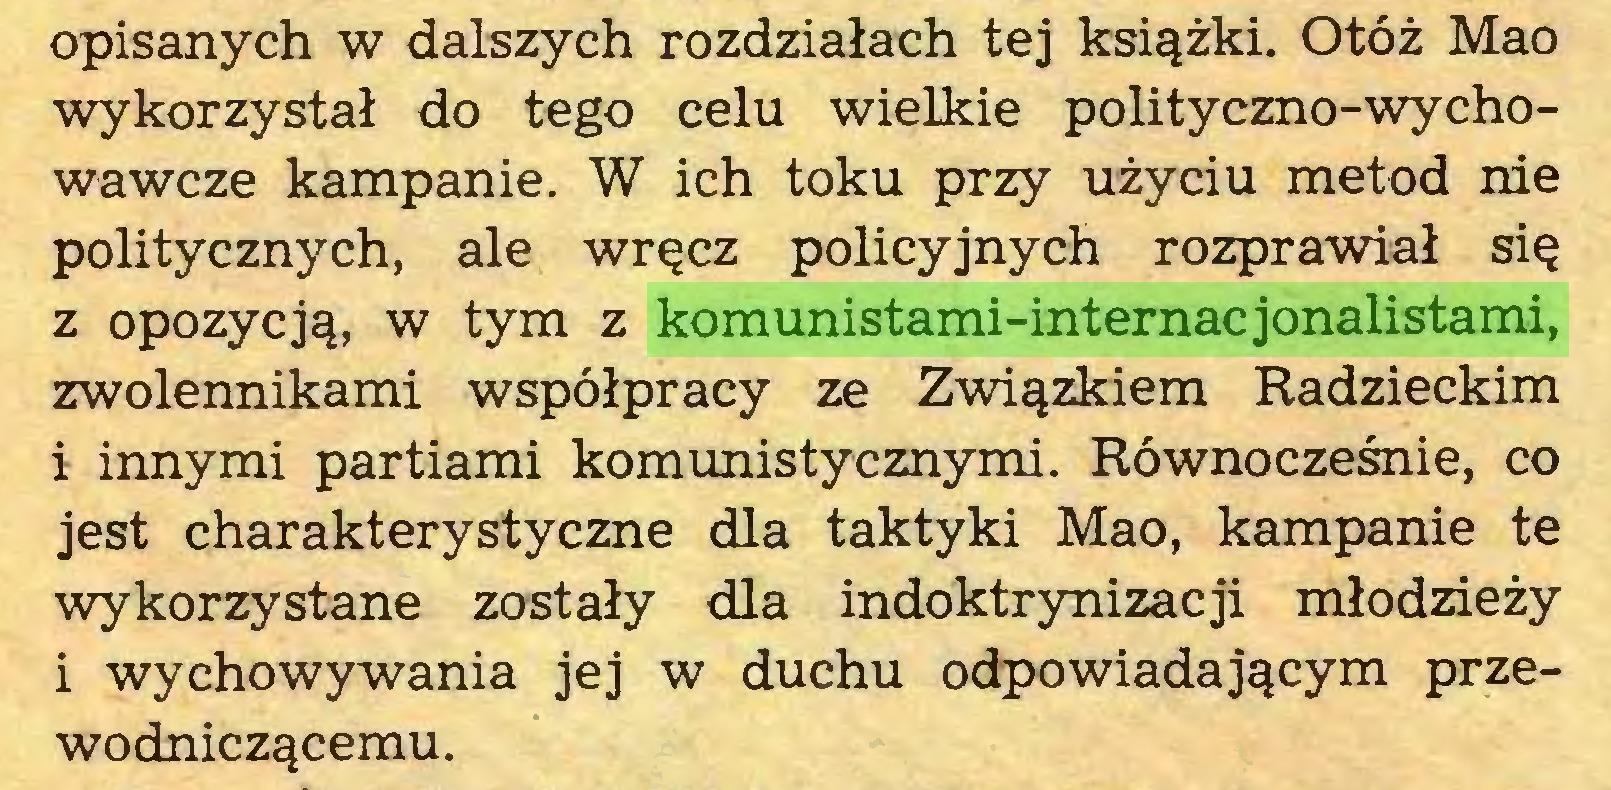 (...) opisanych w dalszych rozdziałach tej książki. Otóż Mao wykorzystał do tego celu wielkie polityczno-wychowawcze kampanie. W ich toku przy użyciu metod nie politycznych, ale wręcz policyjnych rozprawiał się z opozycją, w tym z komunistami-internacjonalistami, zwolennikami współpracy ze Związkiem Radzieckim 1 innymi partiami komunistycznymi. Równocześnie, co jest charakterystyczne dla taktyki Mao, kampanie te wykorzystane zostały dla indoktrynizacji młodzieży i wychowywania jej w duchu odpowiadającym przewodniczącemu...